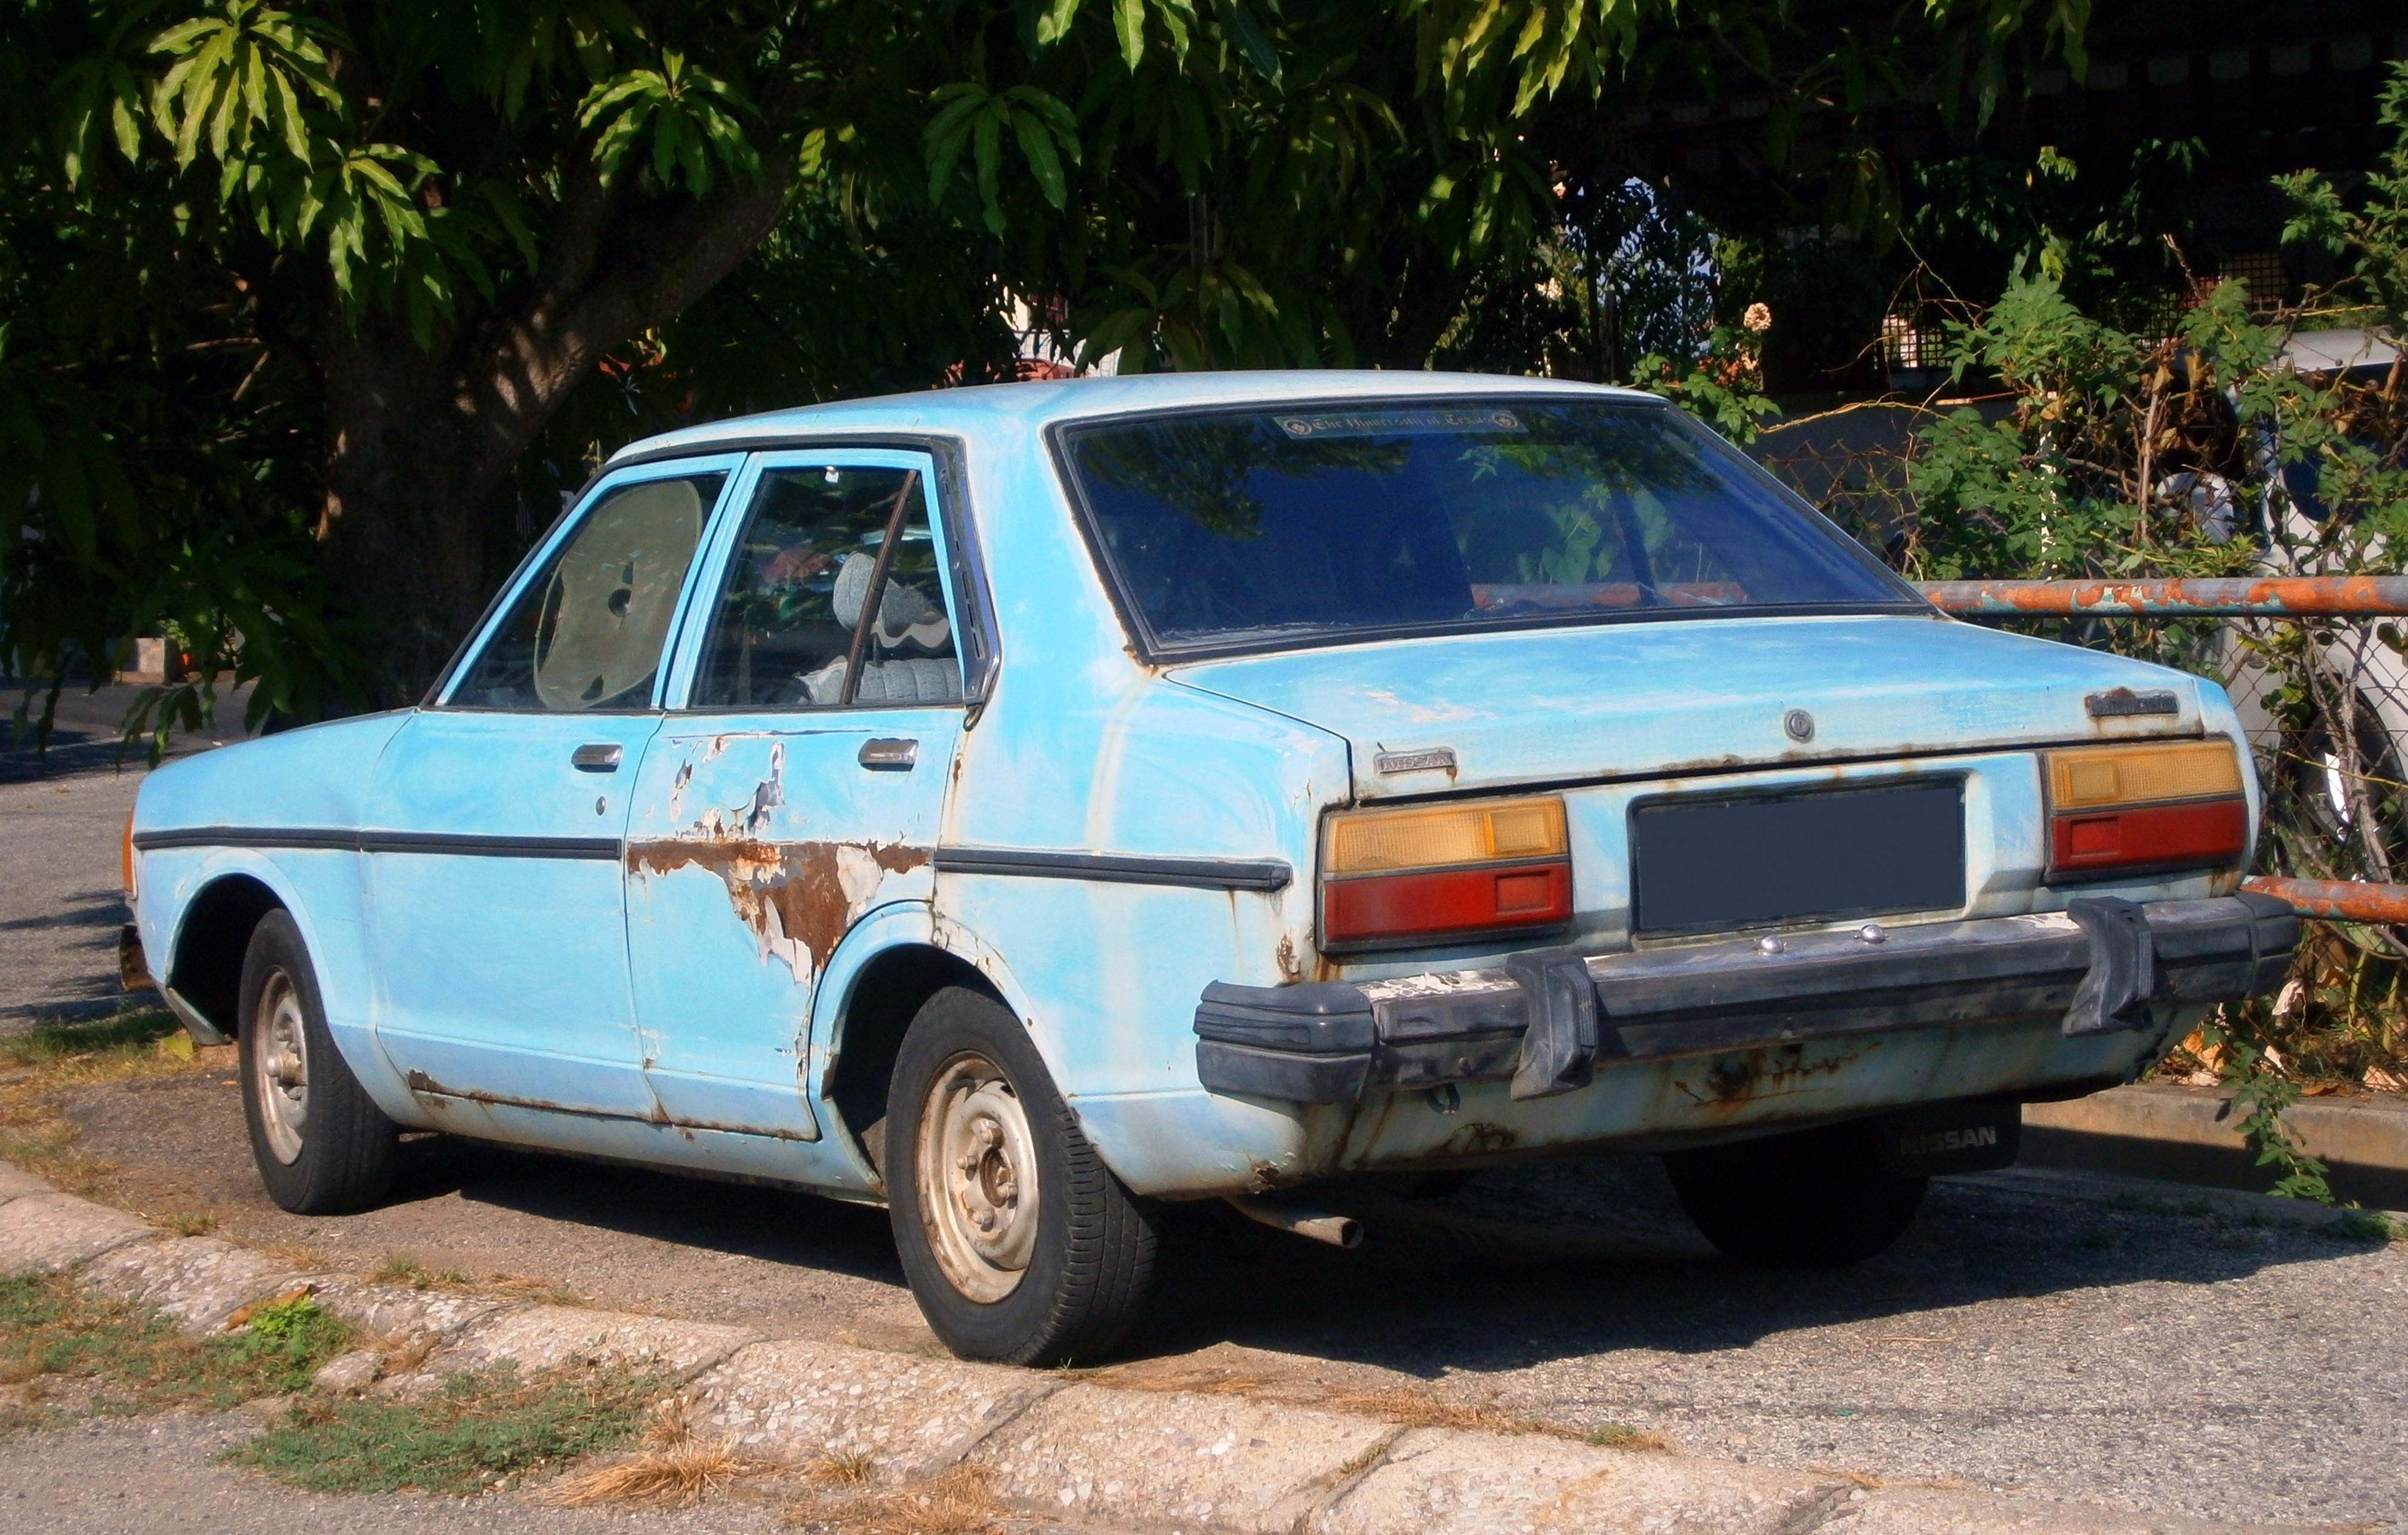 File:1979 Datsun 120Y (B310) saloon in Ipoh, Malaysia (02 ...